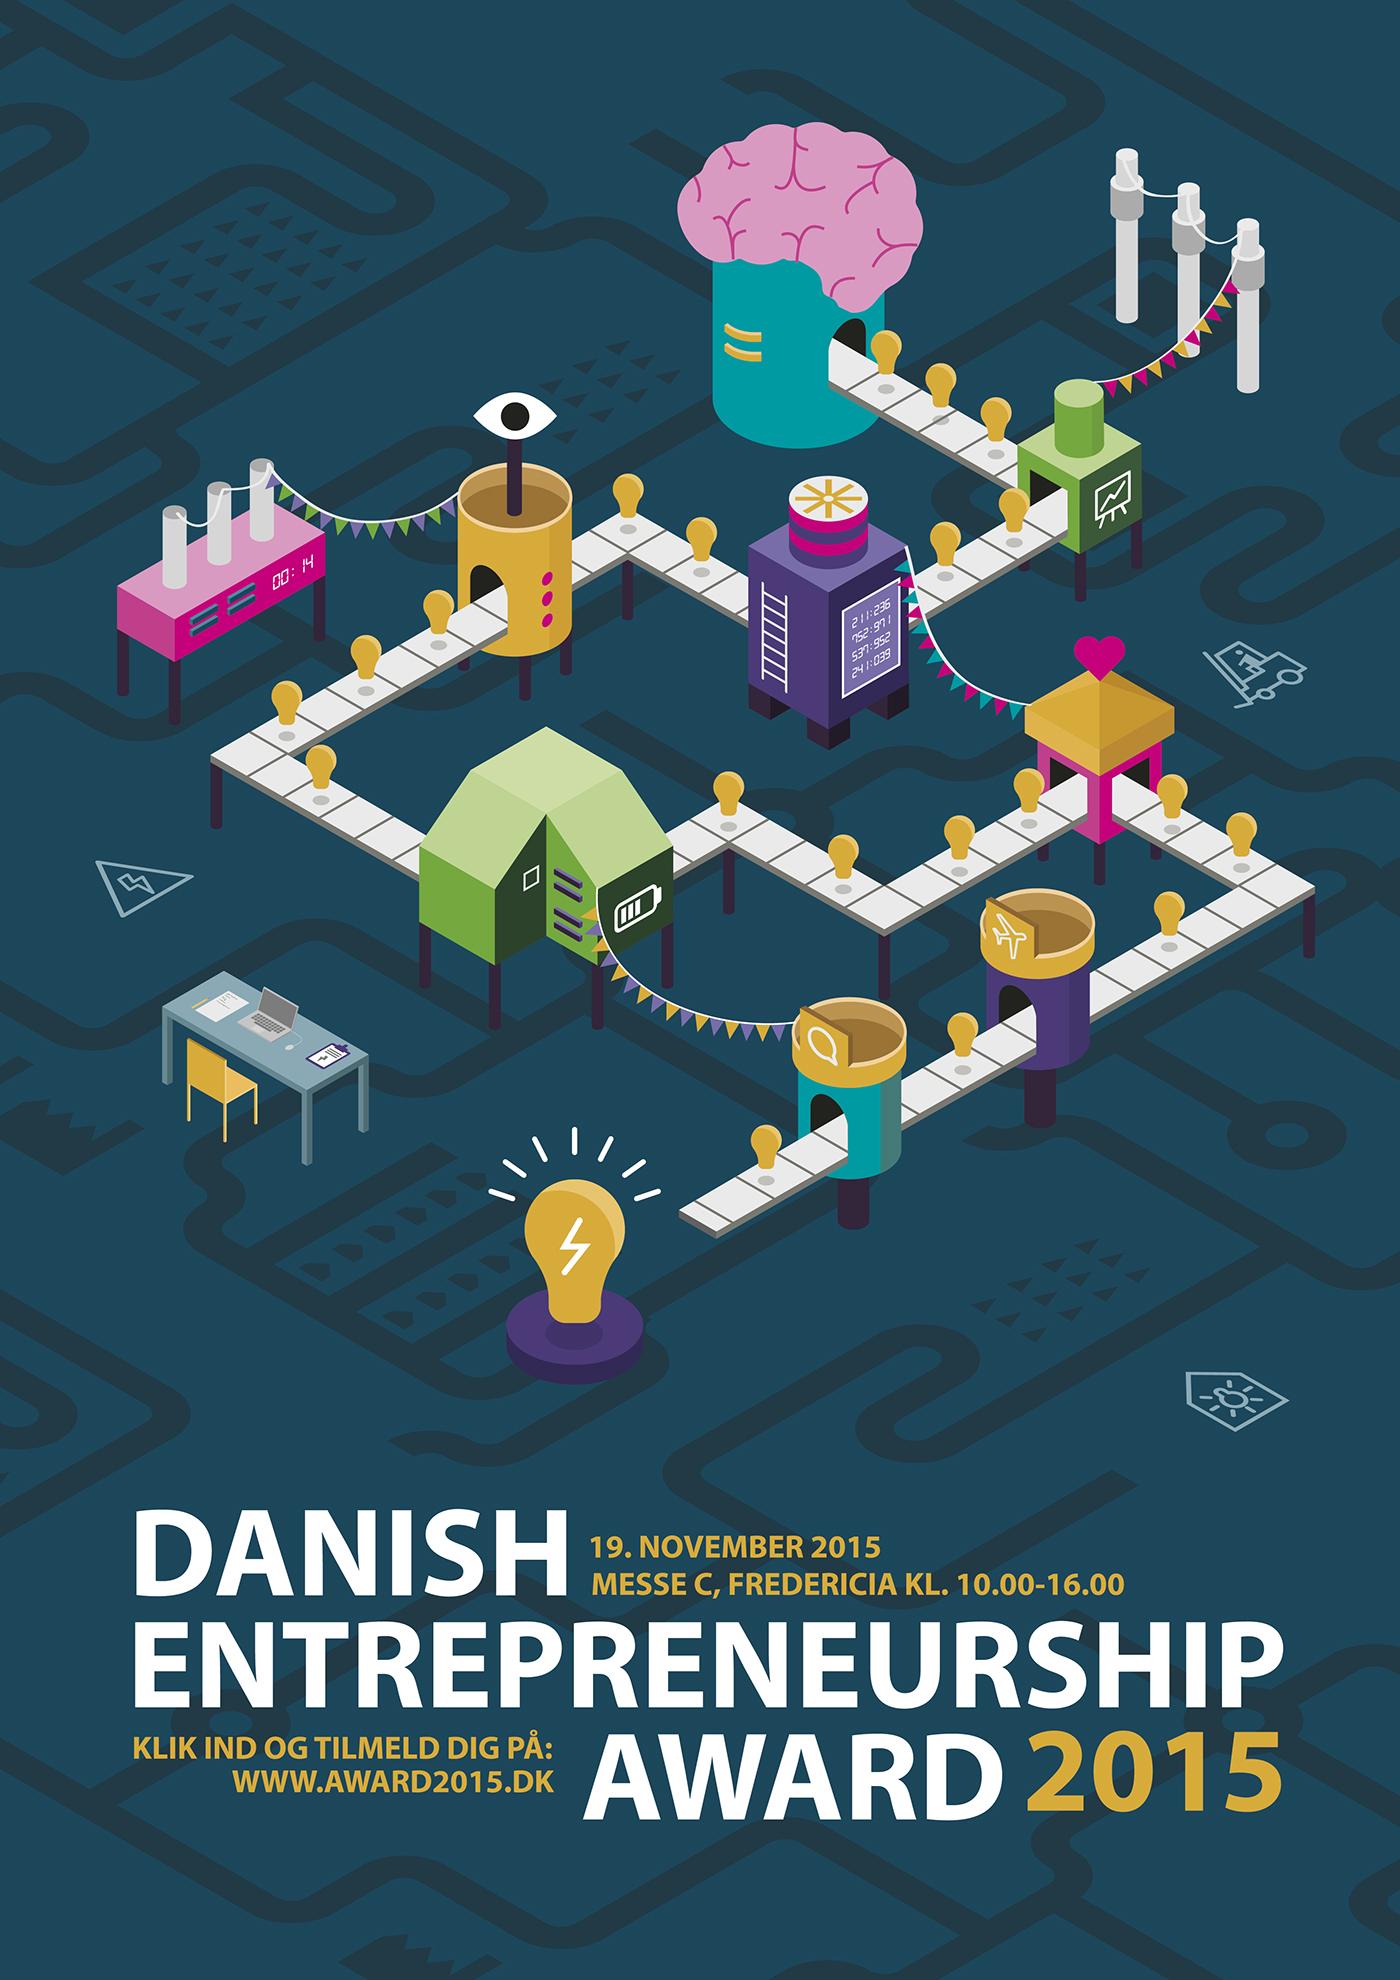 Poster competition - Danish Entrepreneurship Award 2015 on Behance